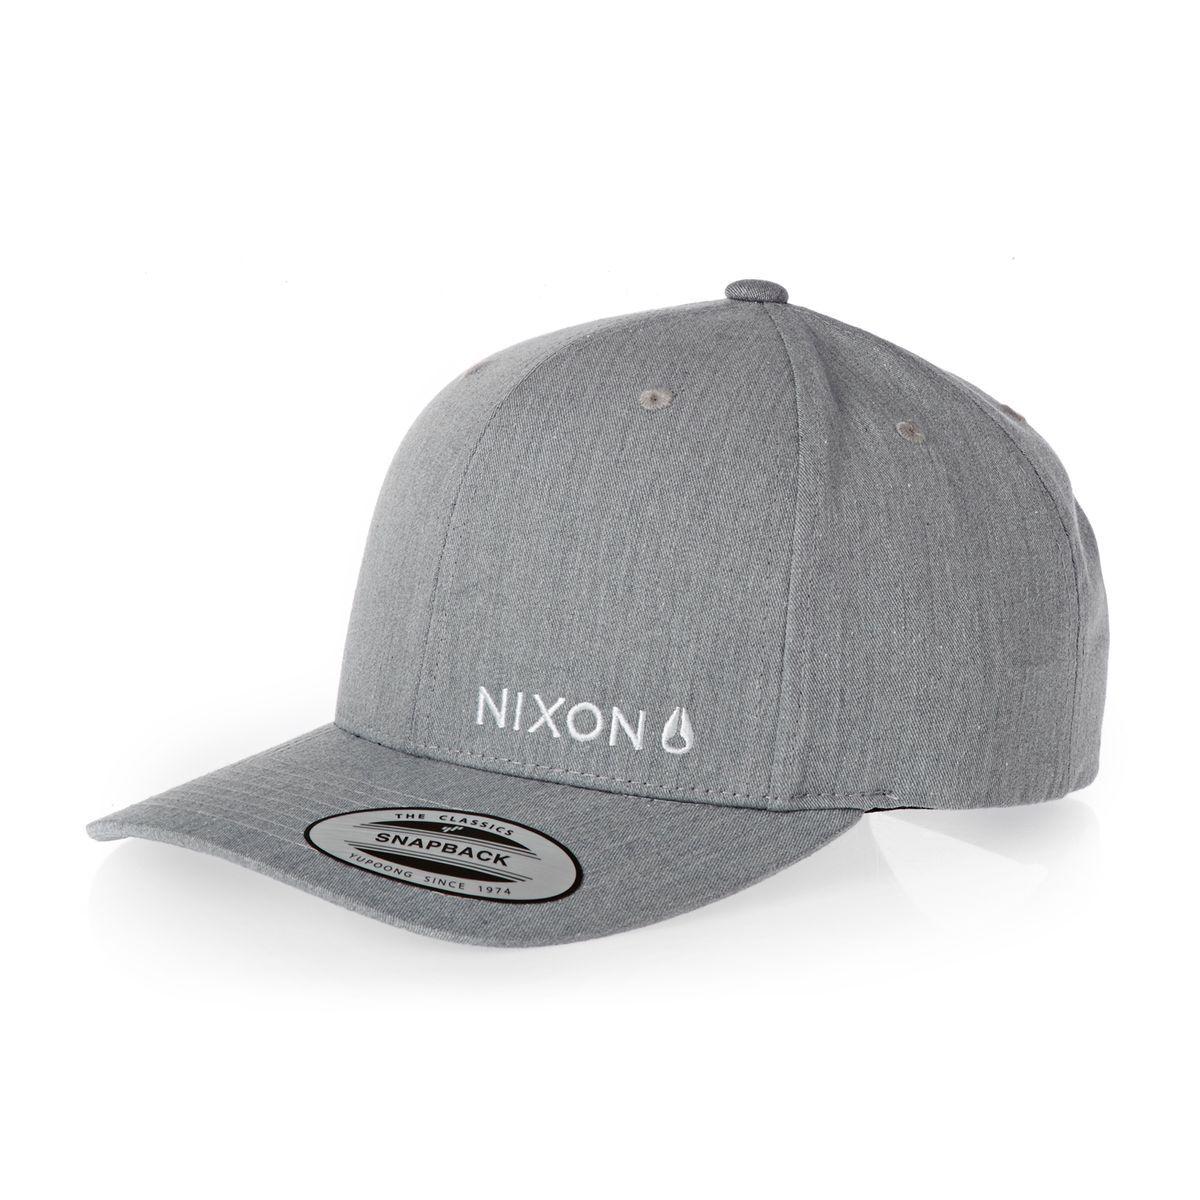 Nixon Caps - Nixon Lockup Snapback Cap - Heather Gray  168a26d3dda7